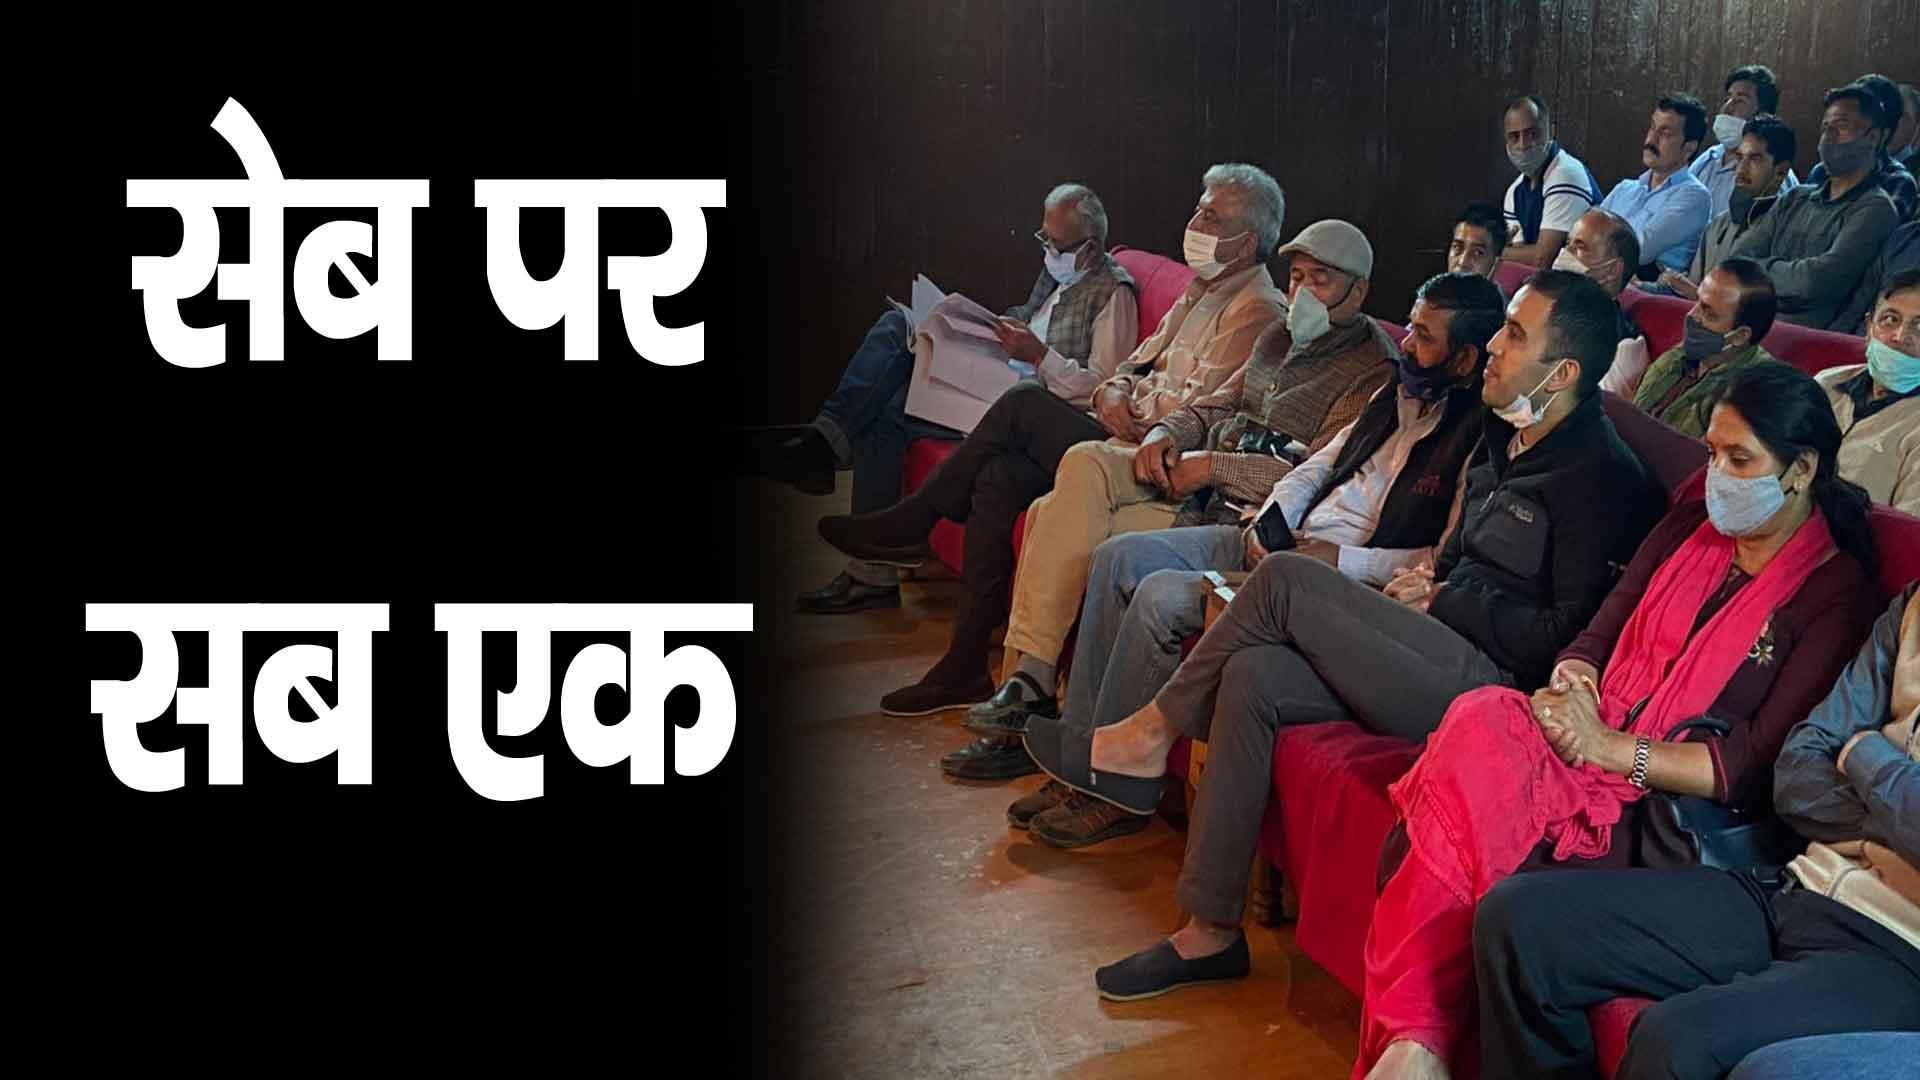 हिमाचल: सेब की सियासत पर सब एक, मंच पर जुटे सभी दलों के नेता, विपक्ष ने सरकार को घेरा